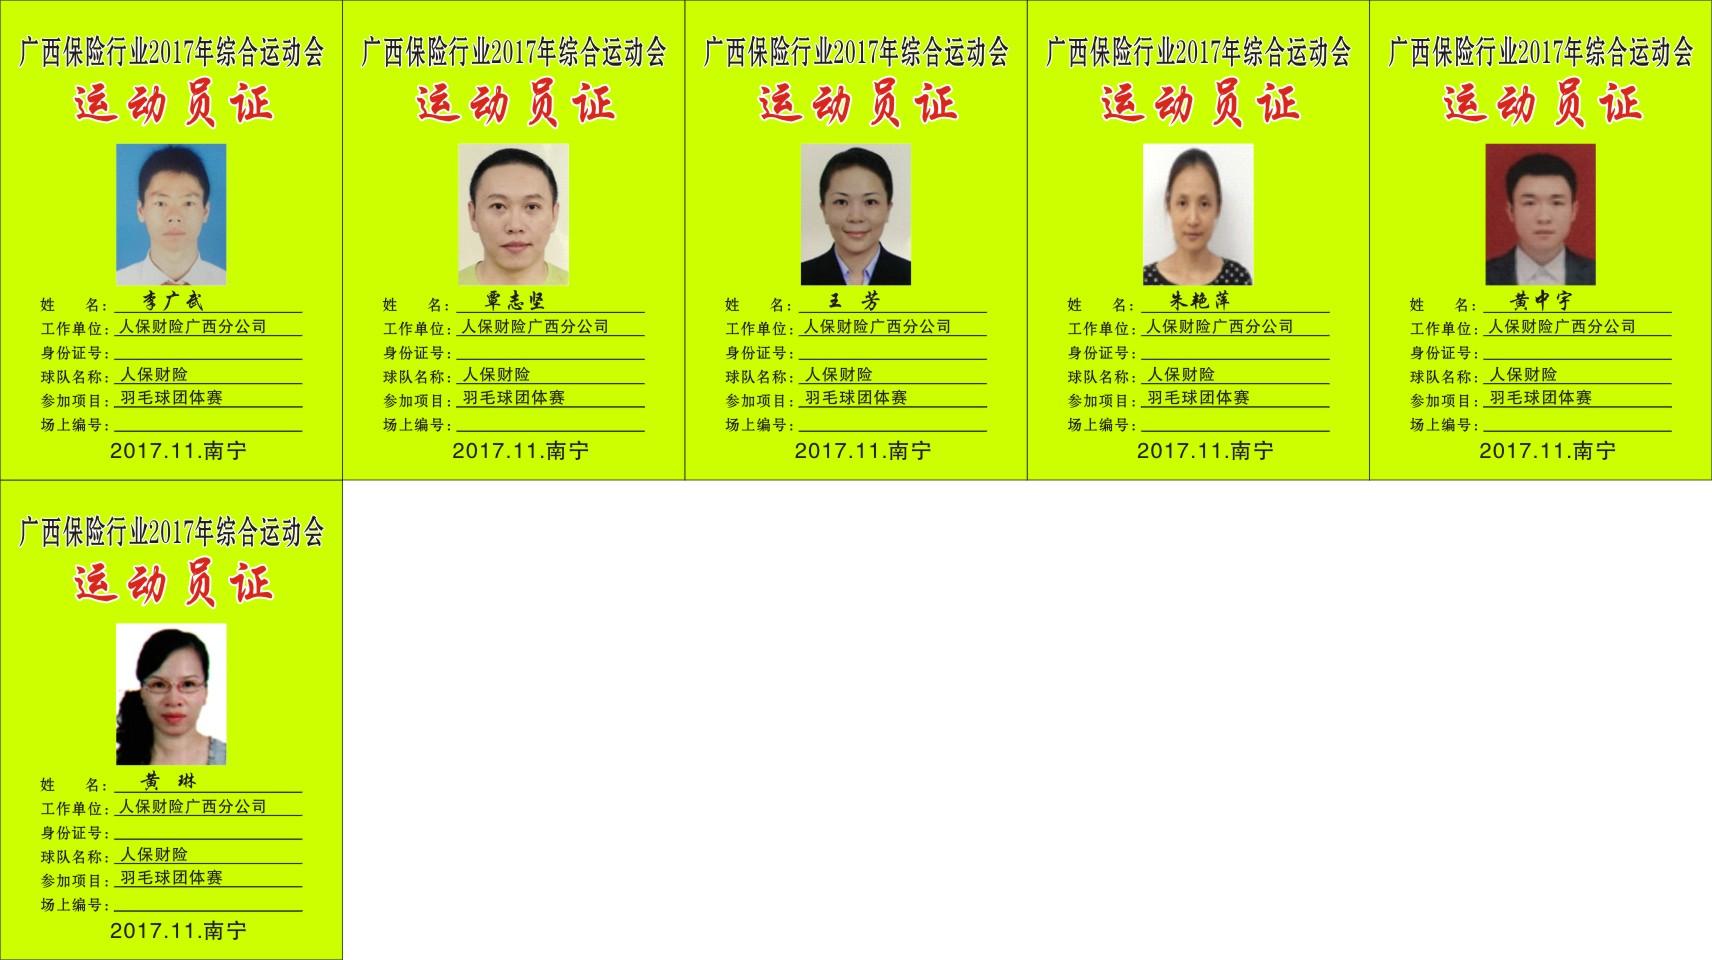 14人寿财险广西分公司.jpg